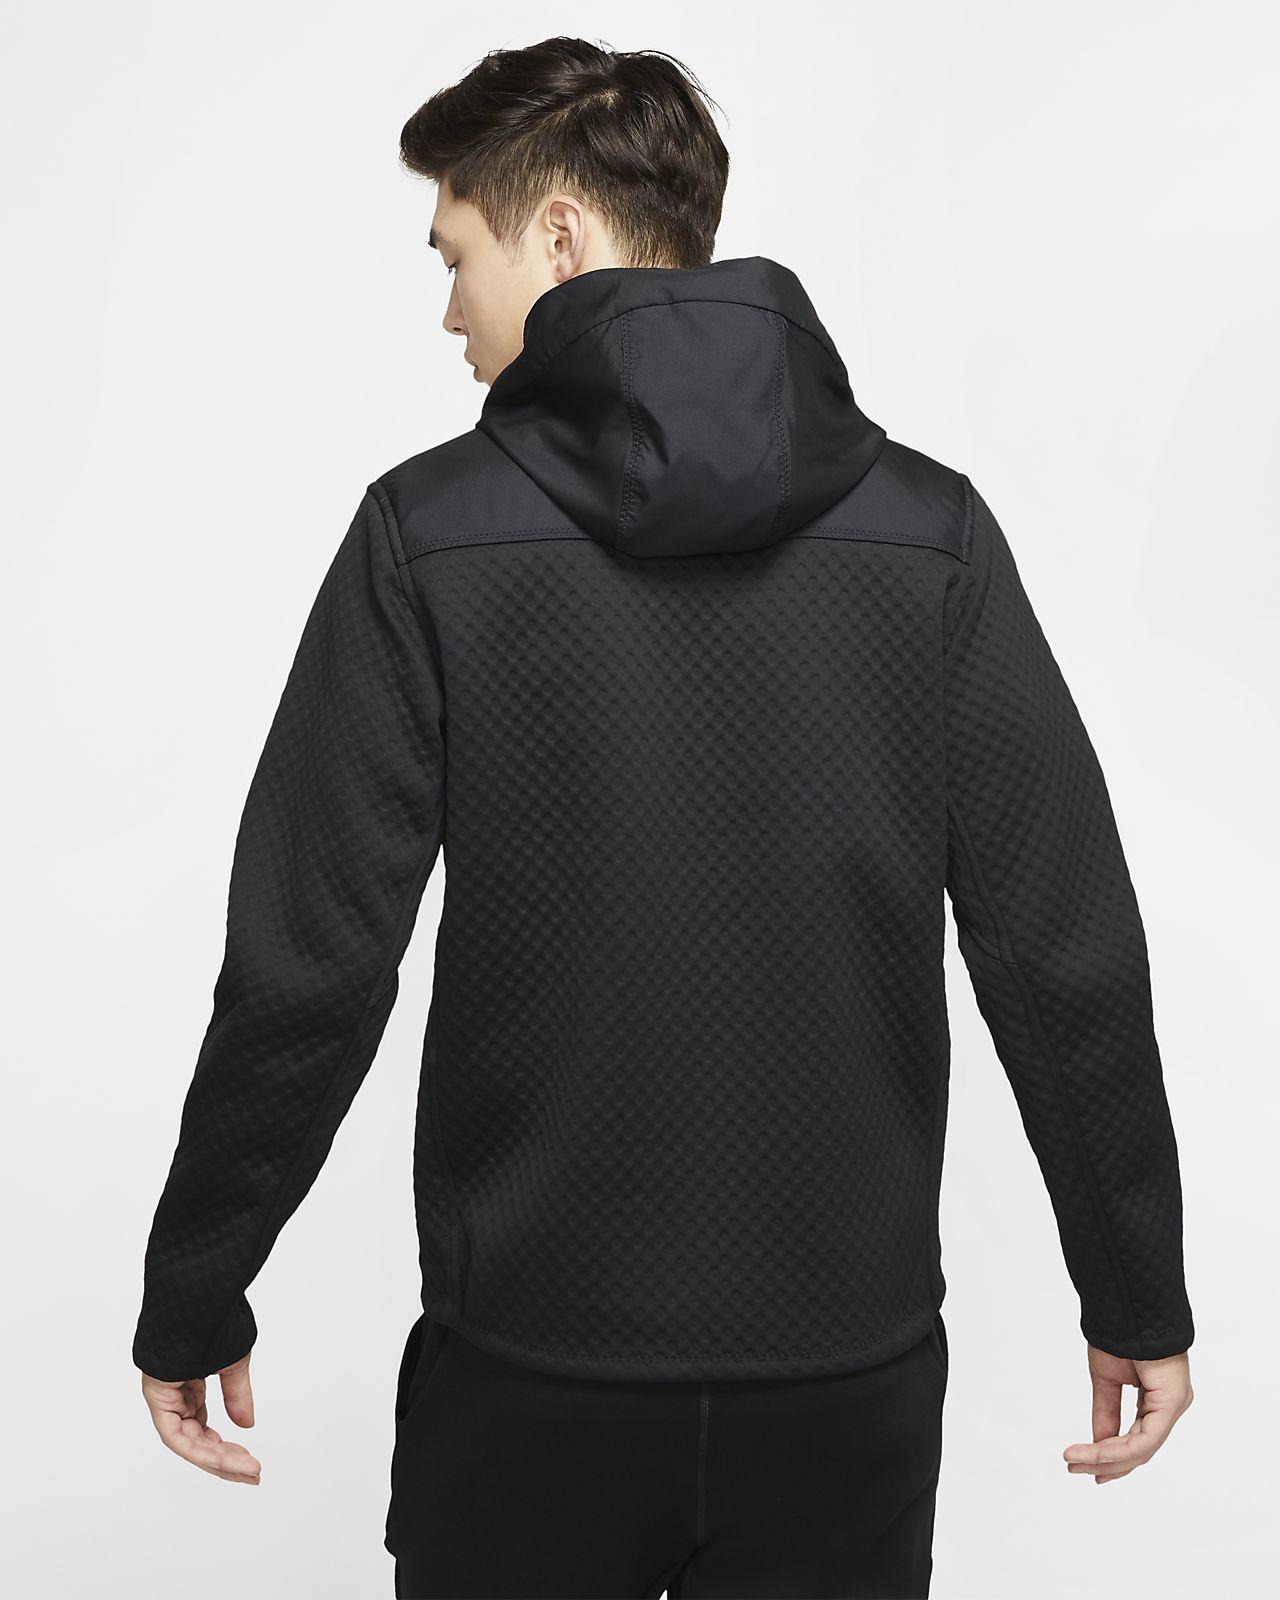 Nike Therma Herren Trainingsjacke mit Kapuze und durchgehendem Reißverschluss